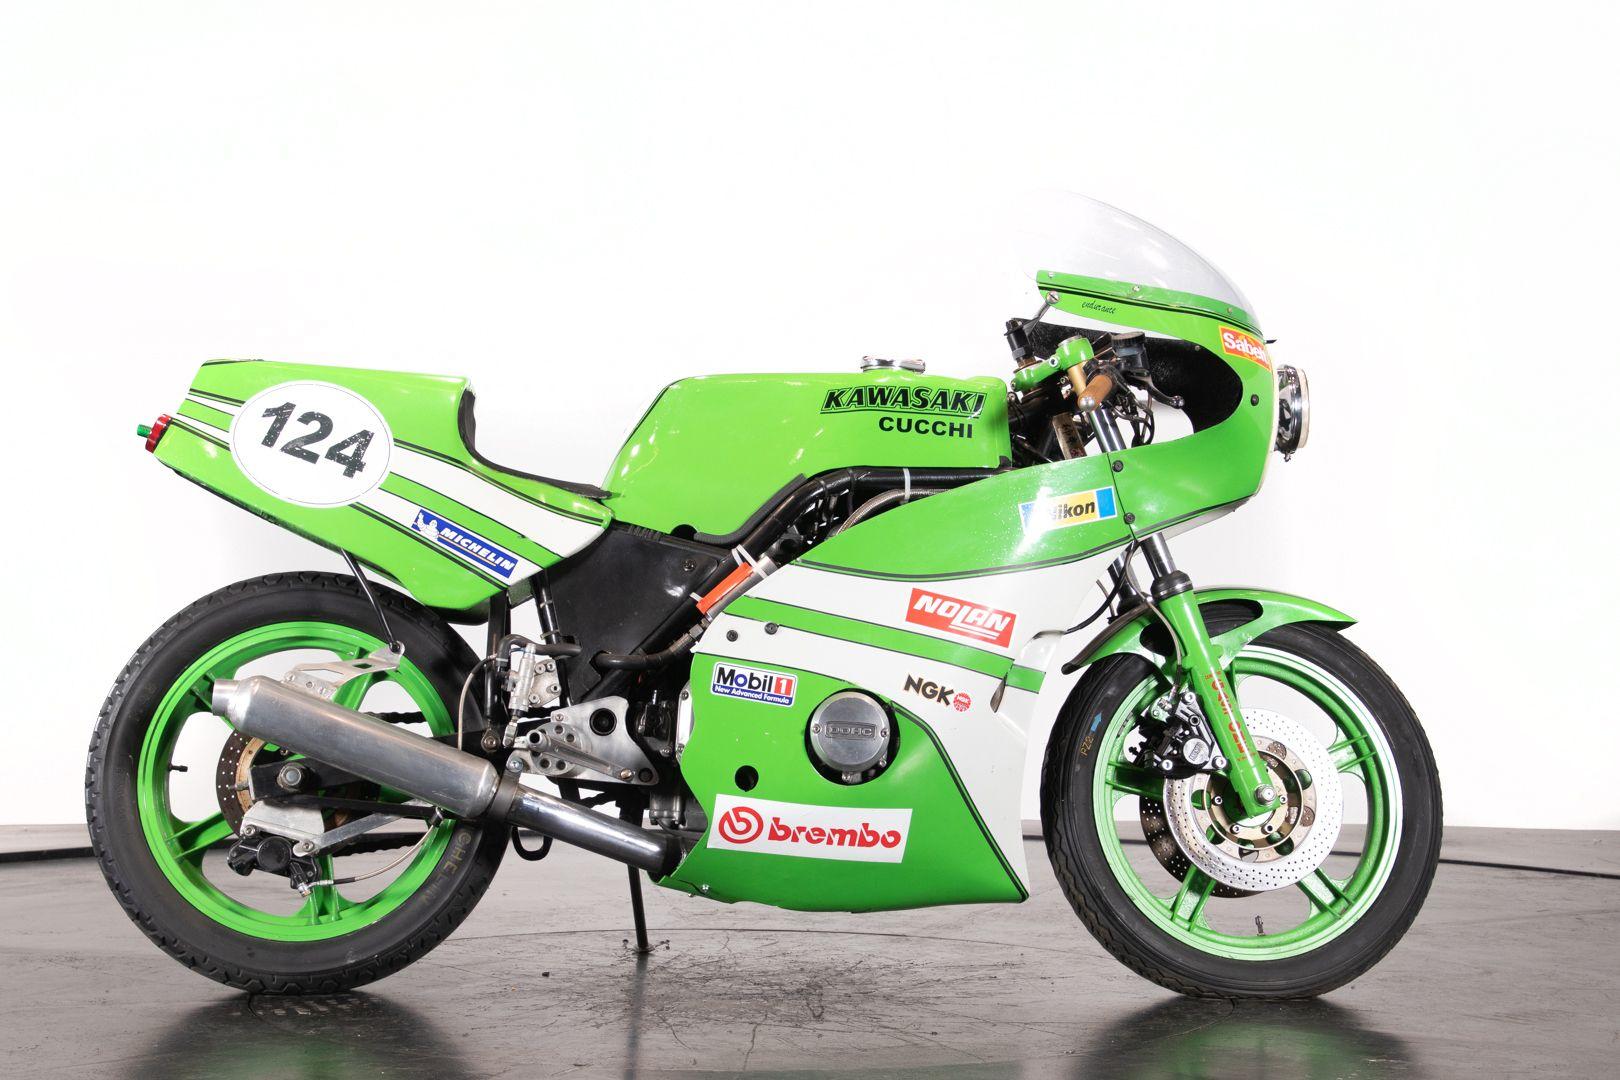 1977 Kawasaki Cucchi 1200 74838